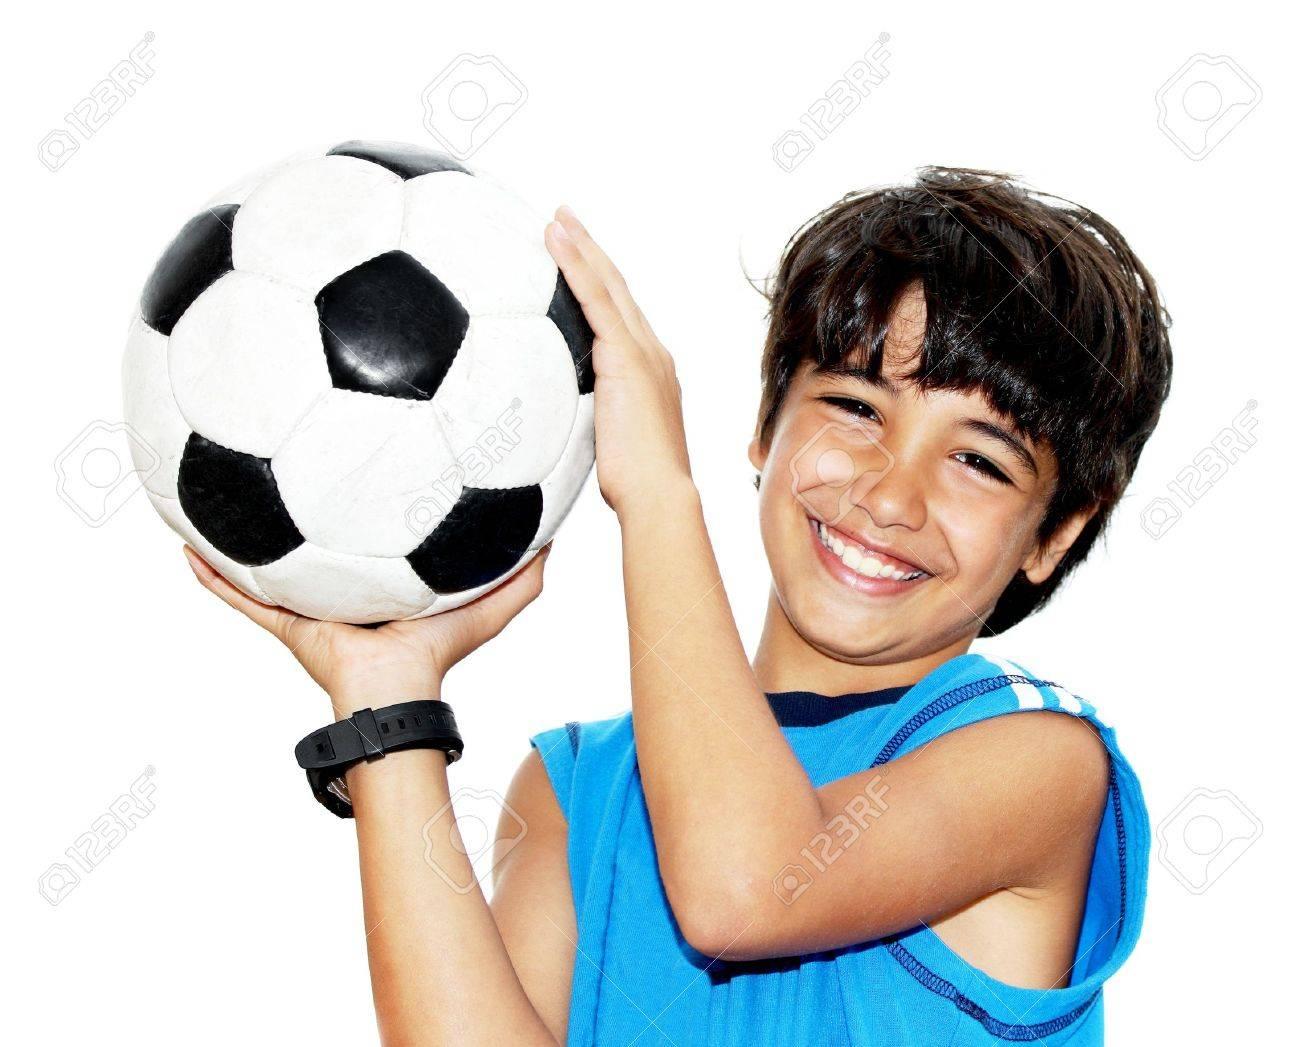 Cute Boy À Jouer Au Football, L'enfant Heureux, Jeune Gardien De But  Adolescent Mâle Jouissant Jeu De Sport, De Maintien De Billes, Portrait  Isolé tout Jeux De Foot Gardien De But